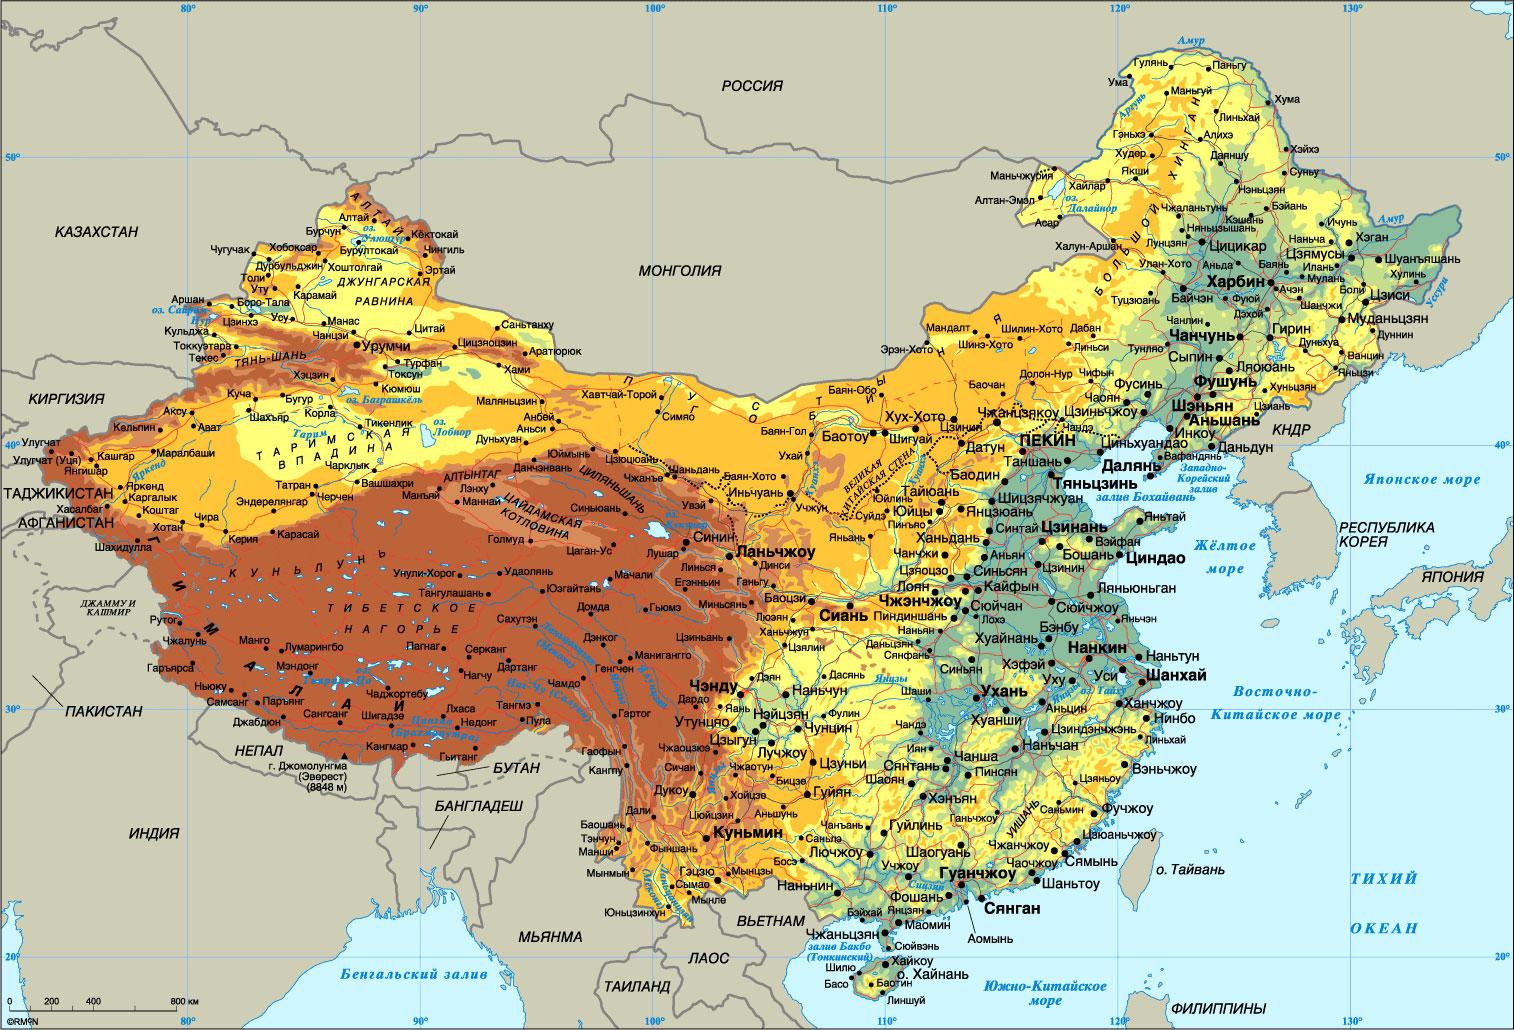 """Власти Китая назвали ежегодный доклад об оценке вооруженных сил и систем безопасности КНР  """"неблагоприятным """" для..."""